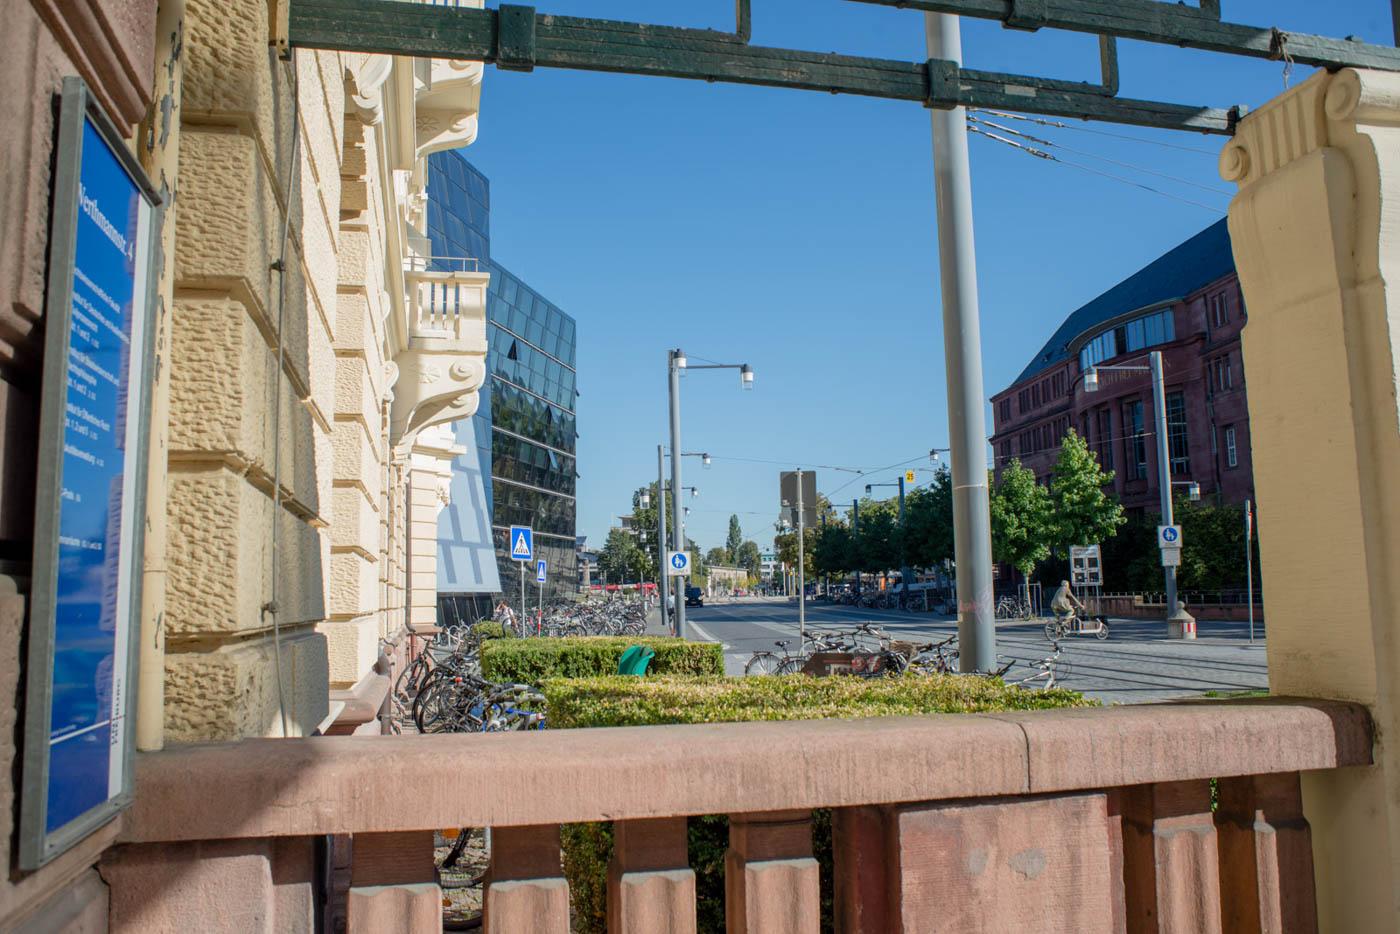 Eingang des Rechenzentrums in der Wertmannstraße